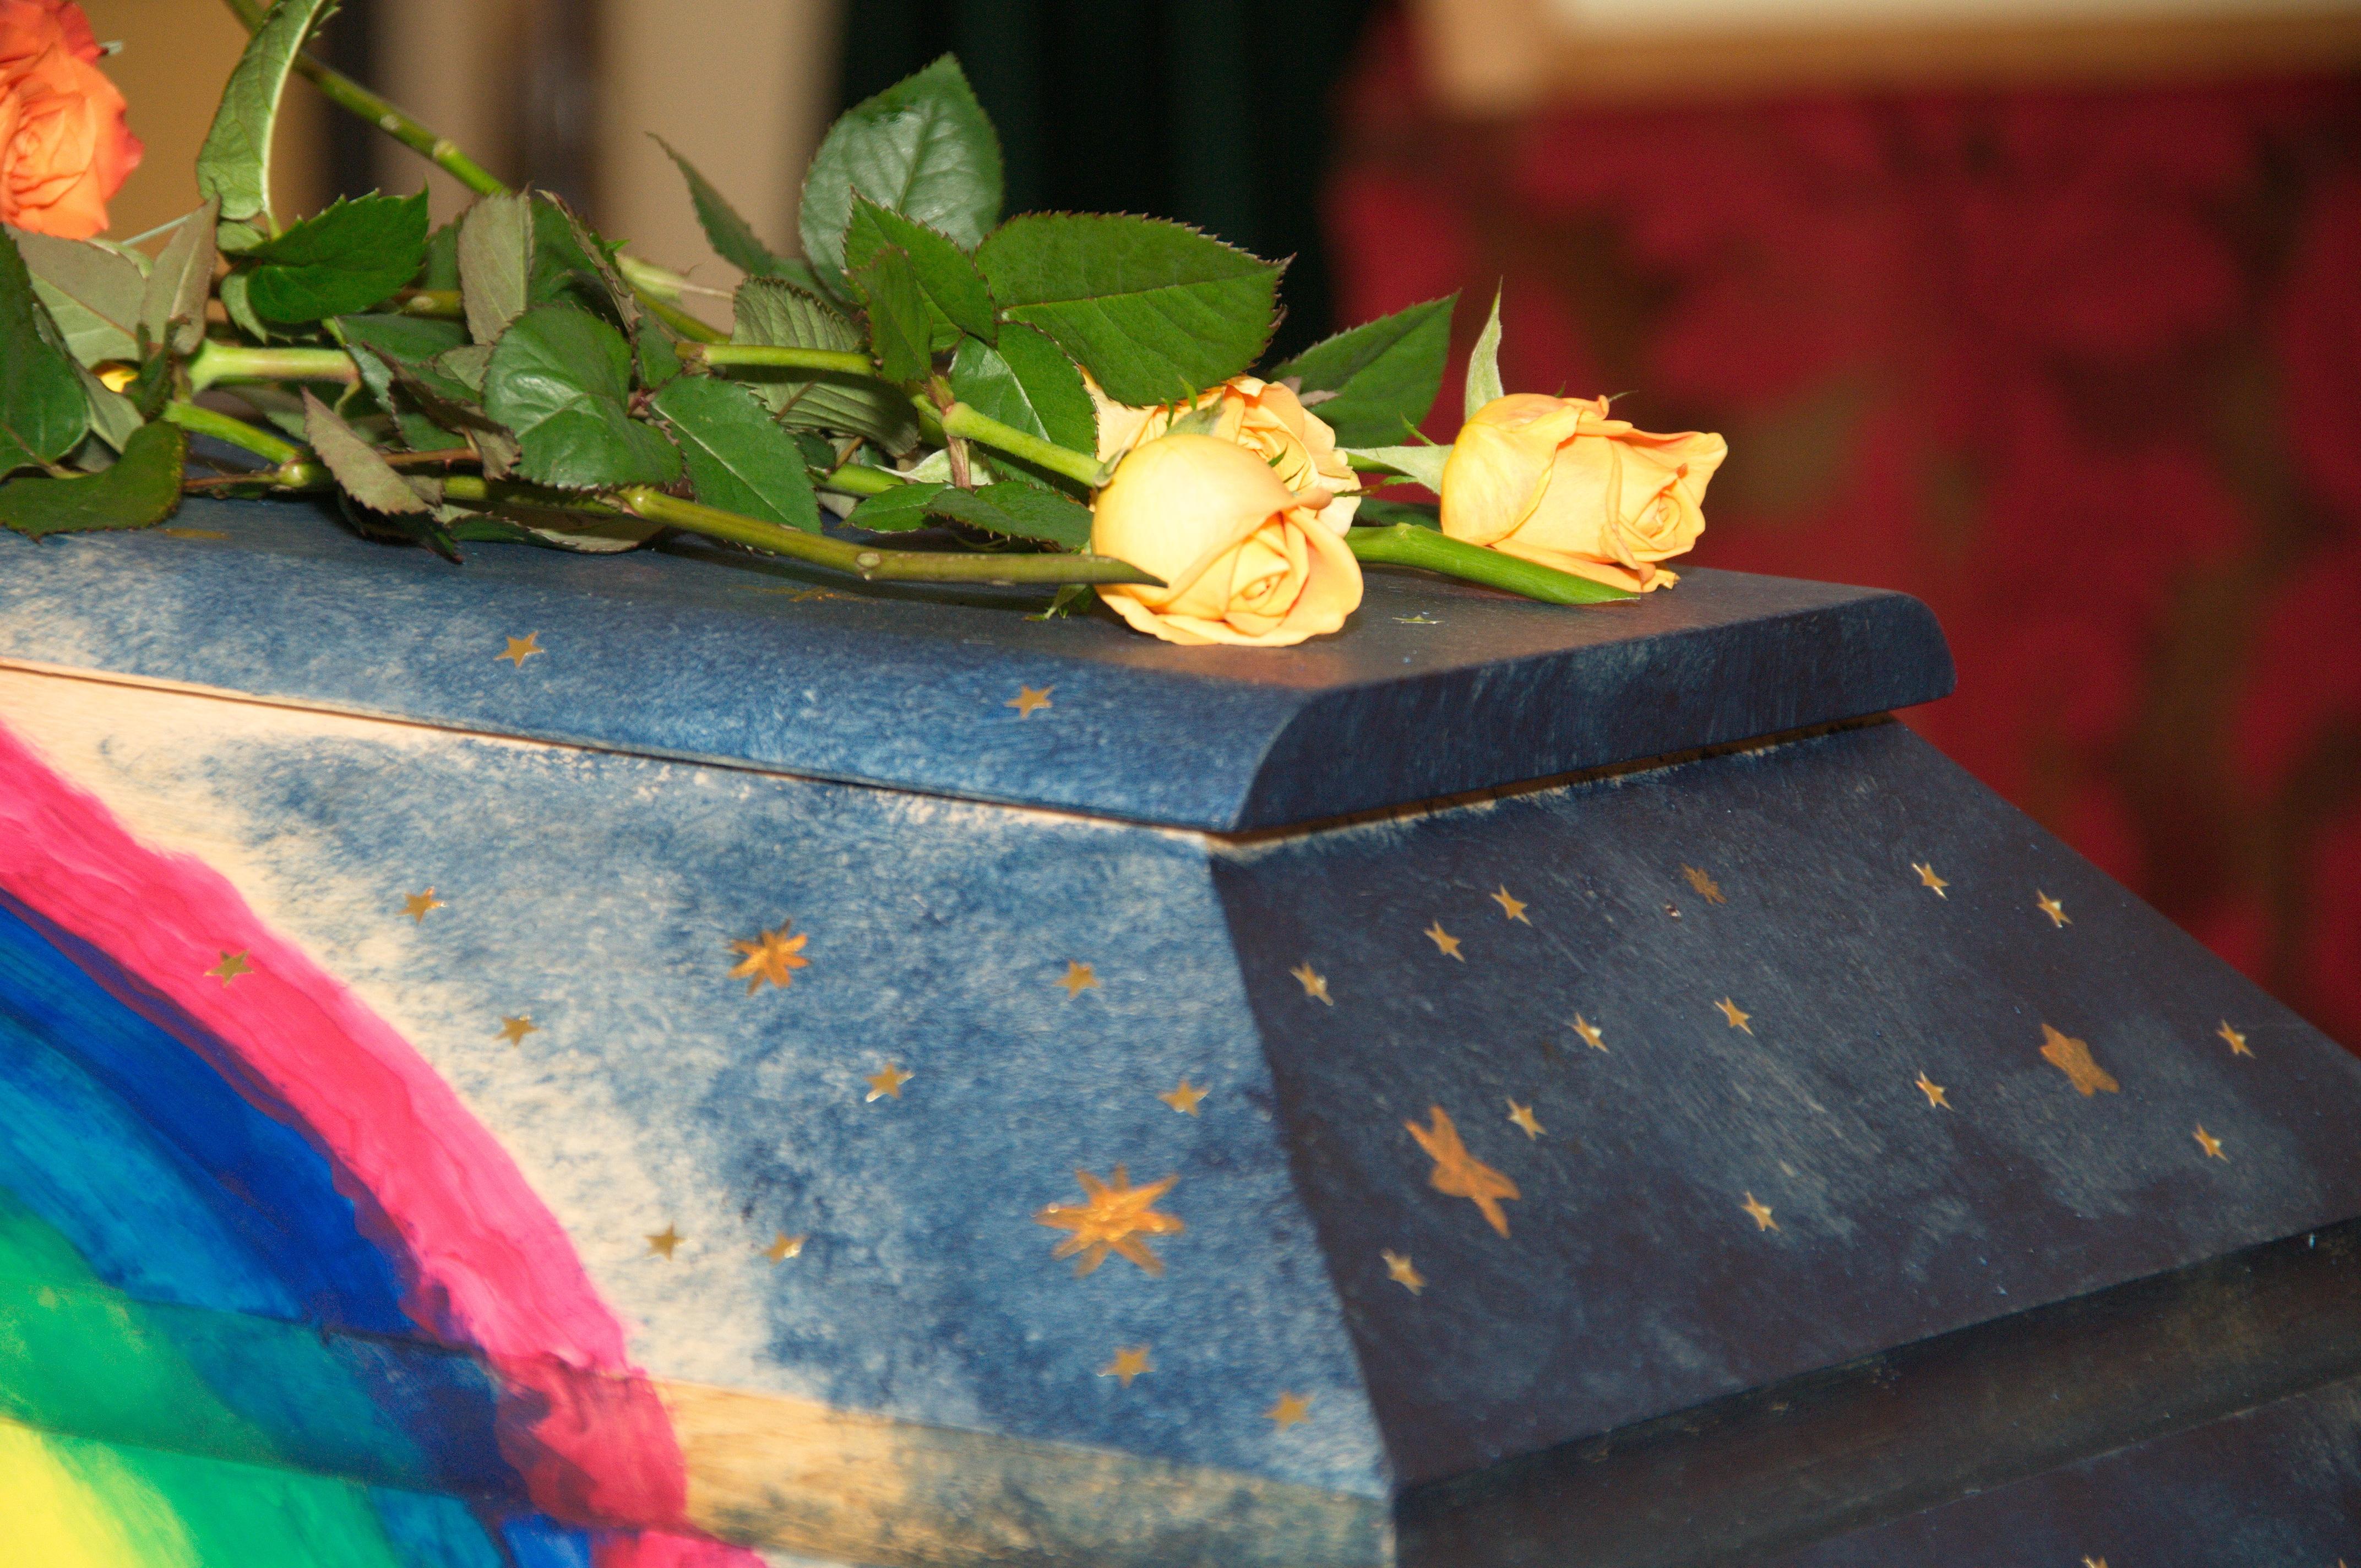 Regenbogensarg - Malen zum Abschied © Foto: Katharina Hansen-Gluschitz